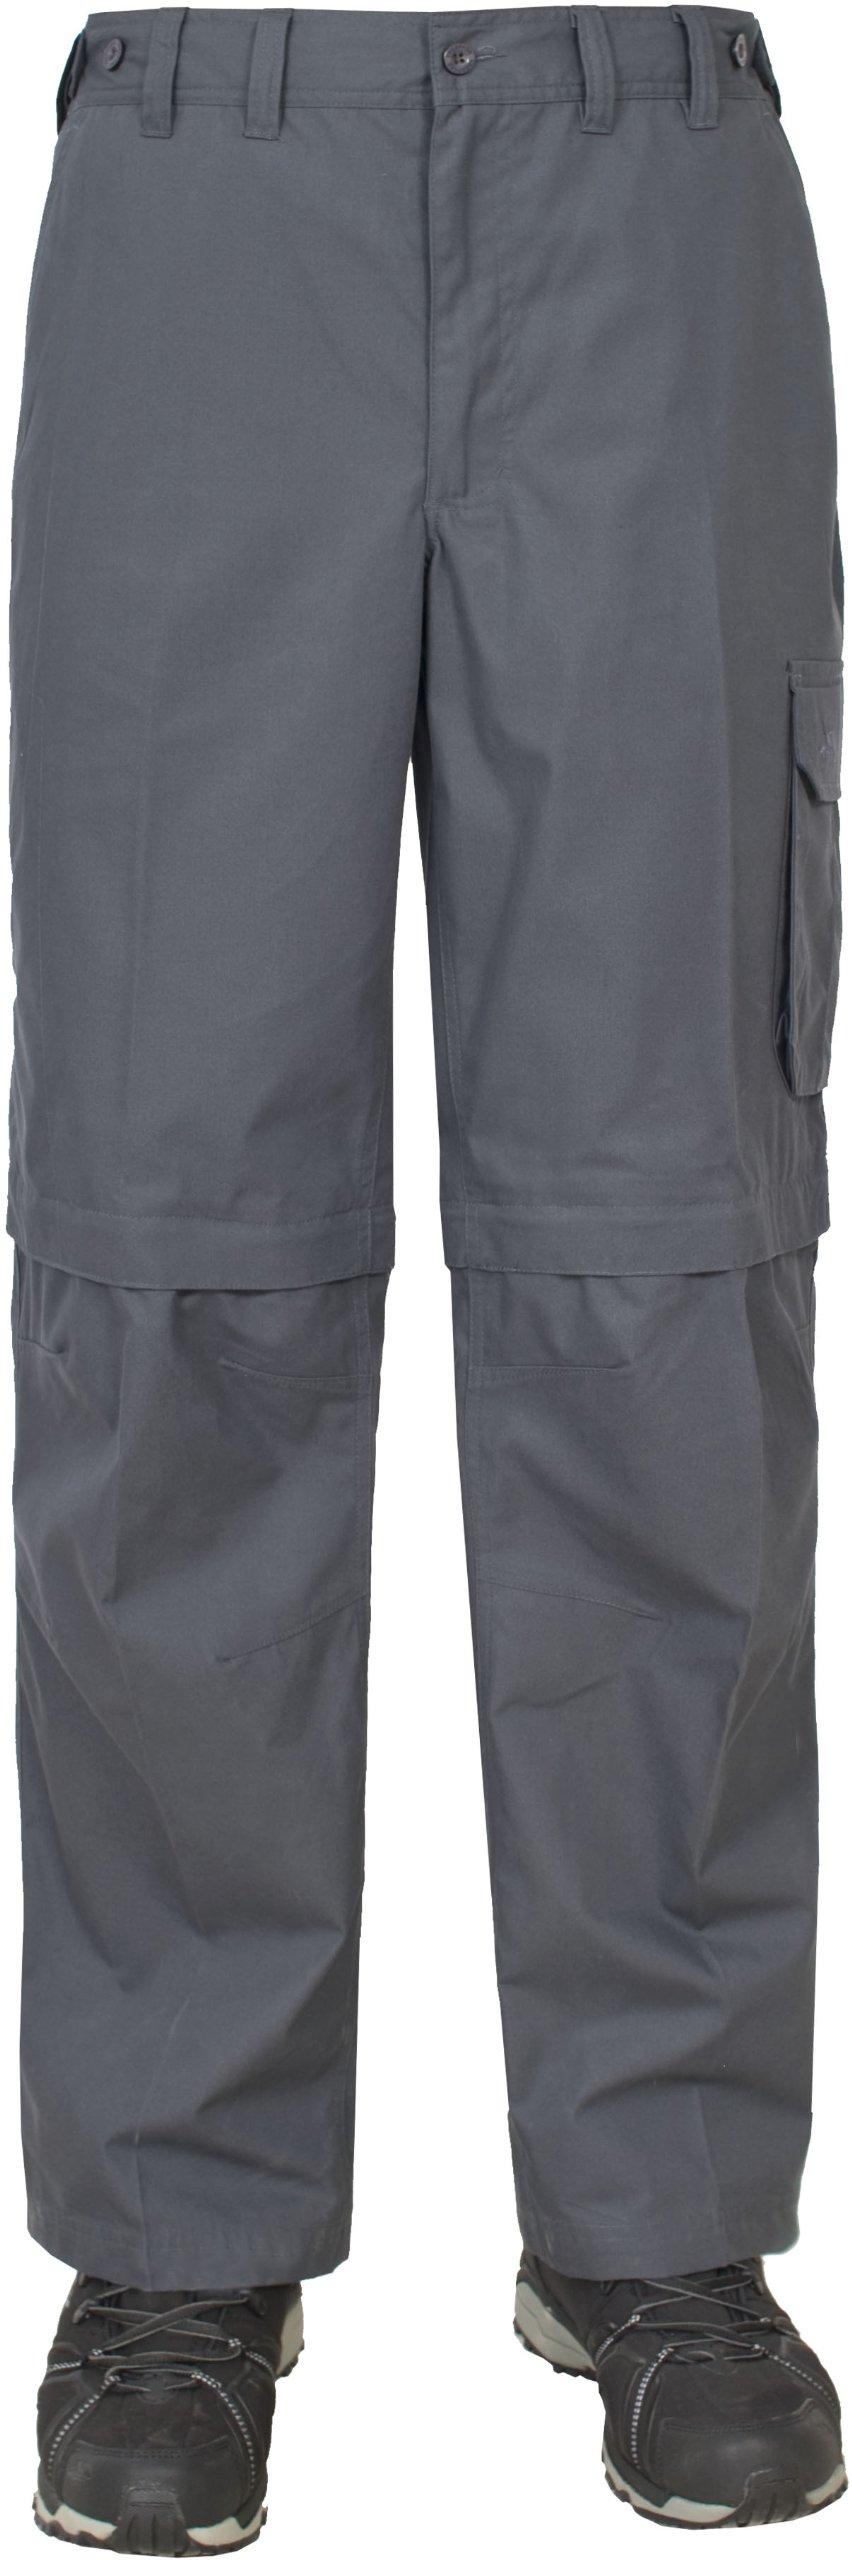 Trespass Mallik Wasserabweisende Hose mit UV-Schutz und abnehmbaren Hosenbeinen